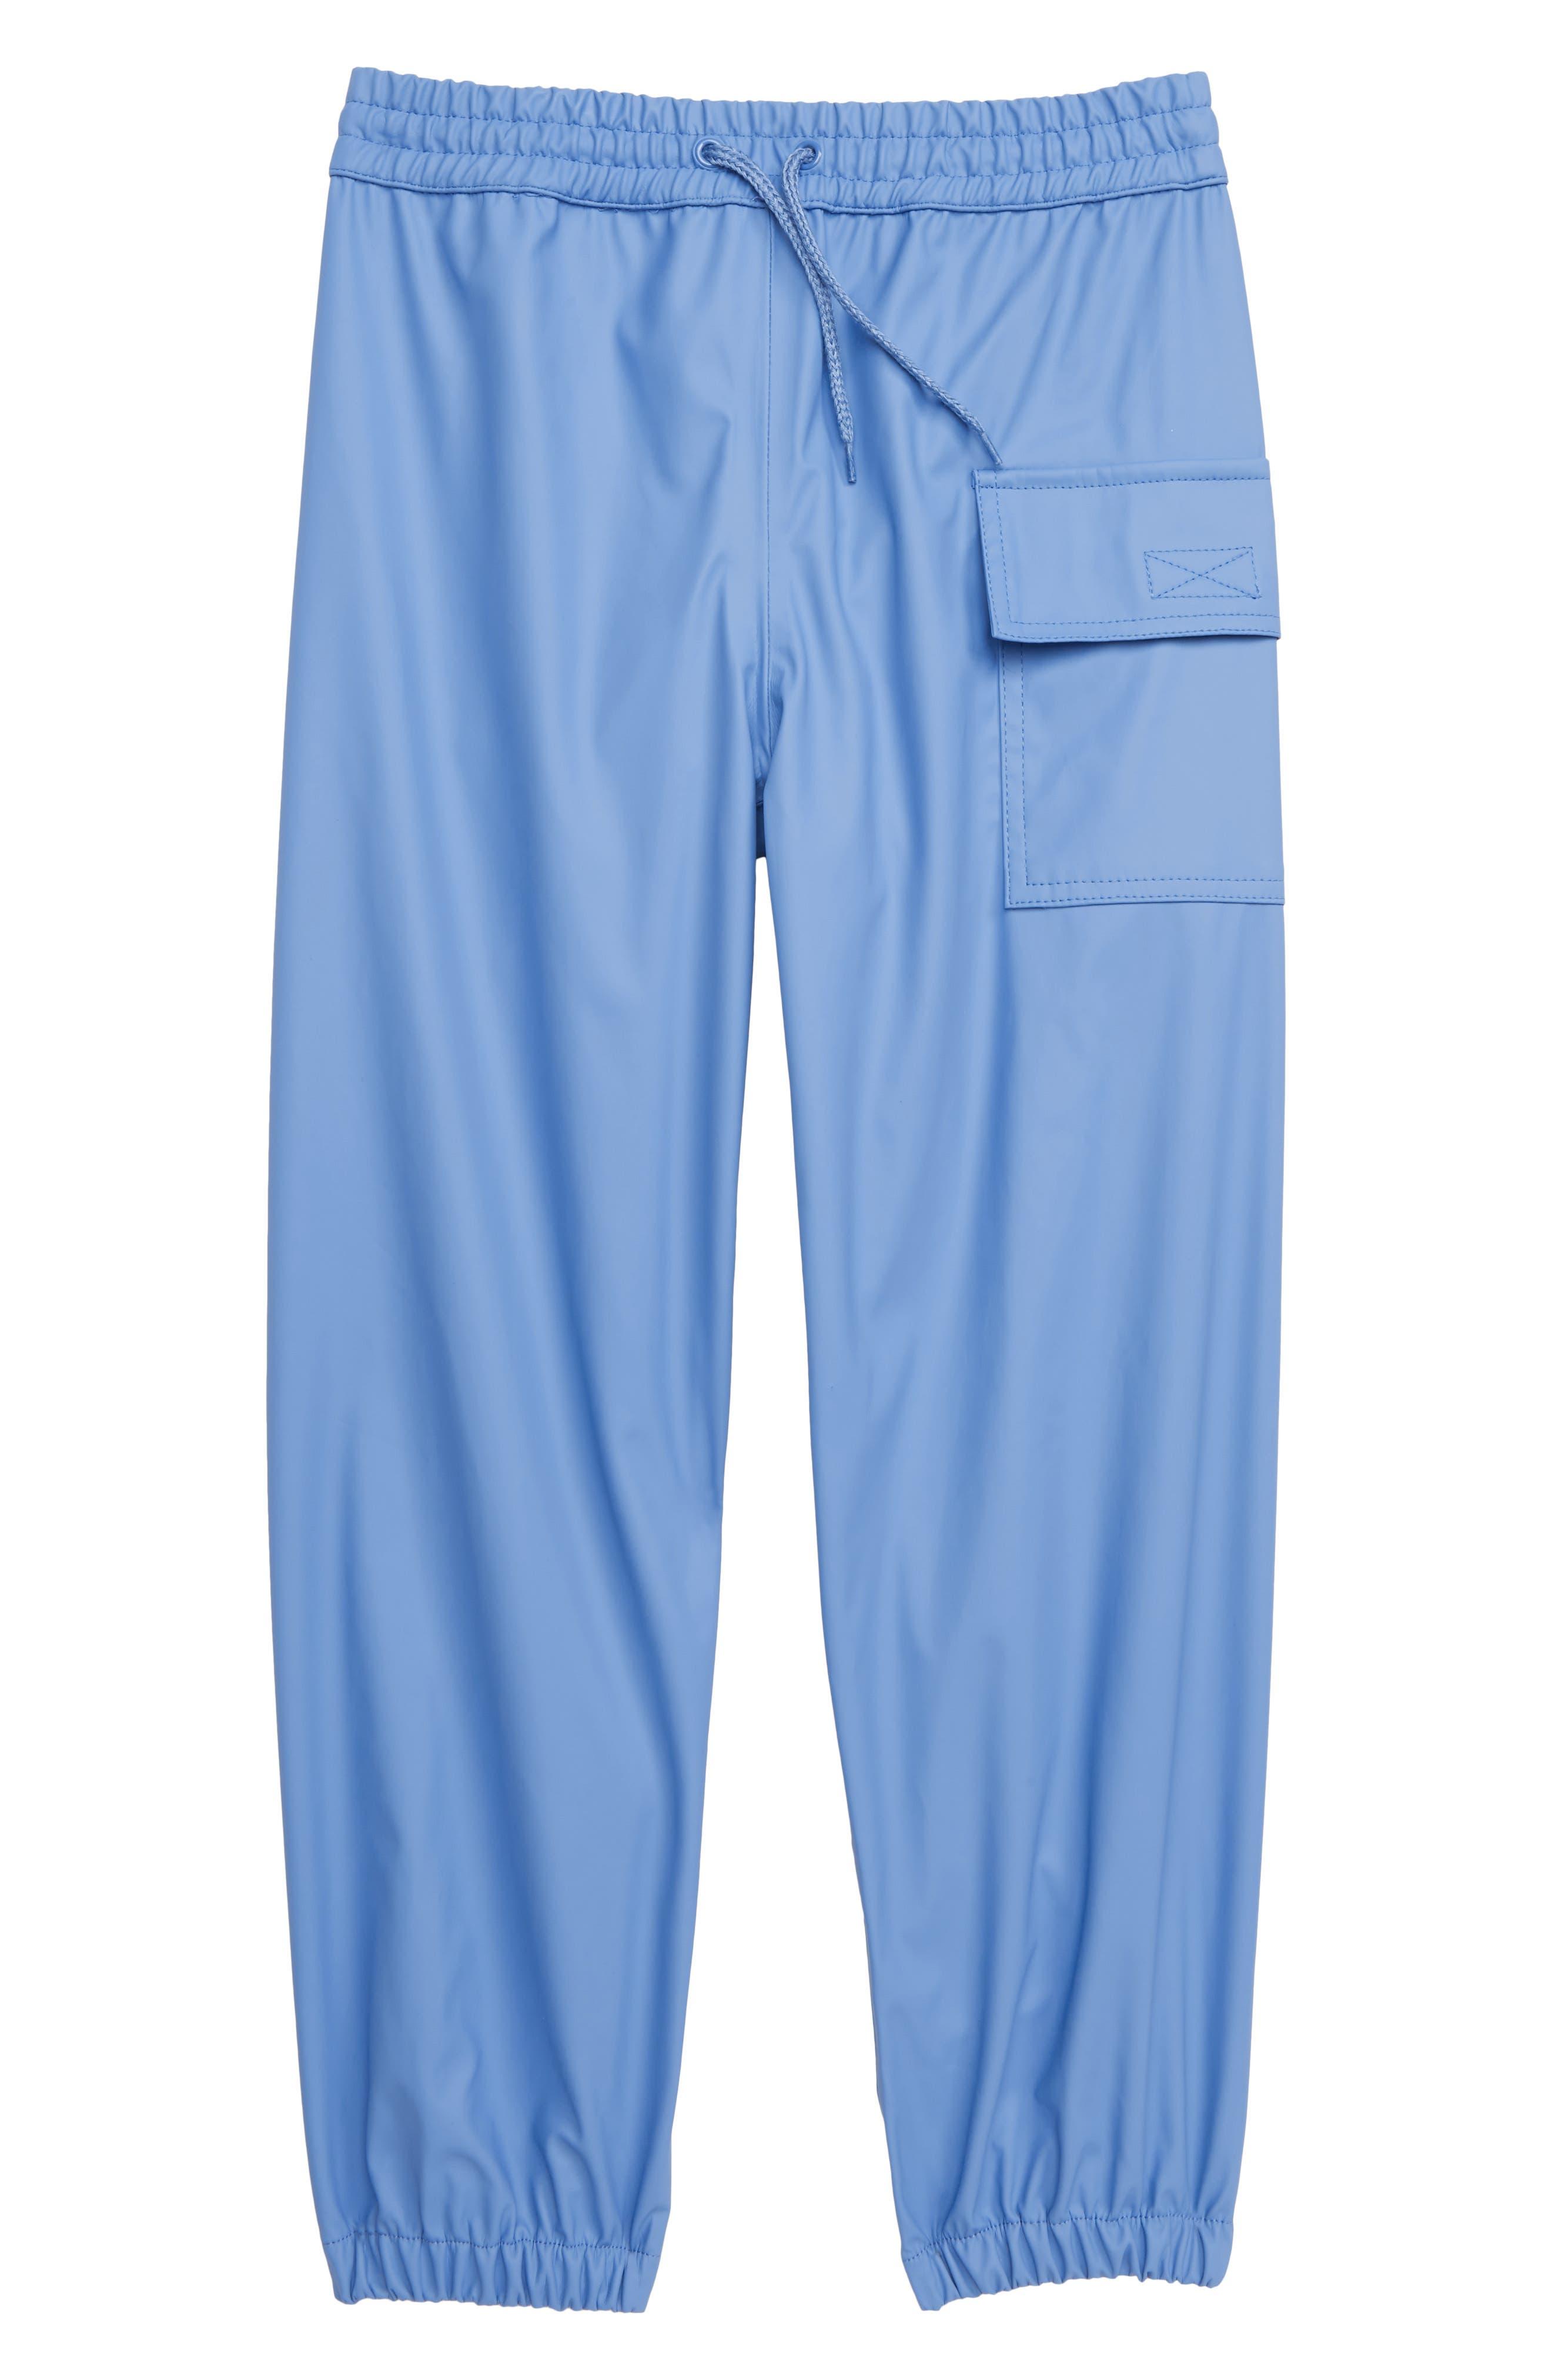 HATLEY Splash Pants, Main, color, BLUE